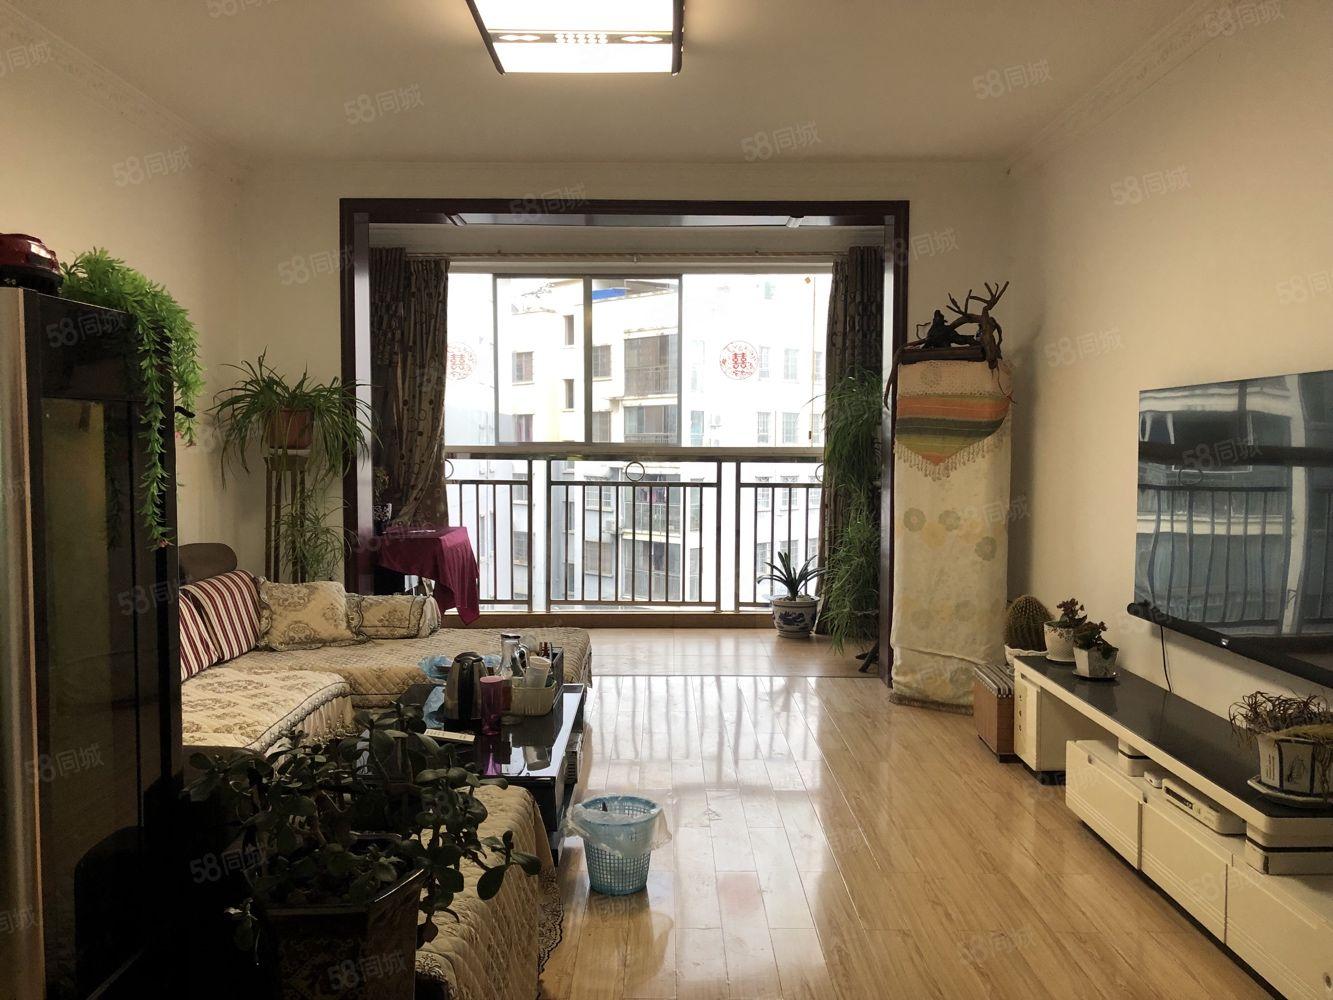 喻龙世家小区新婚房9成新很少住可按揭双阳台